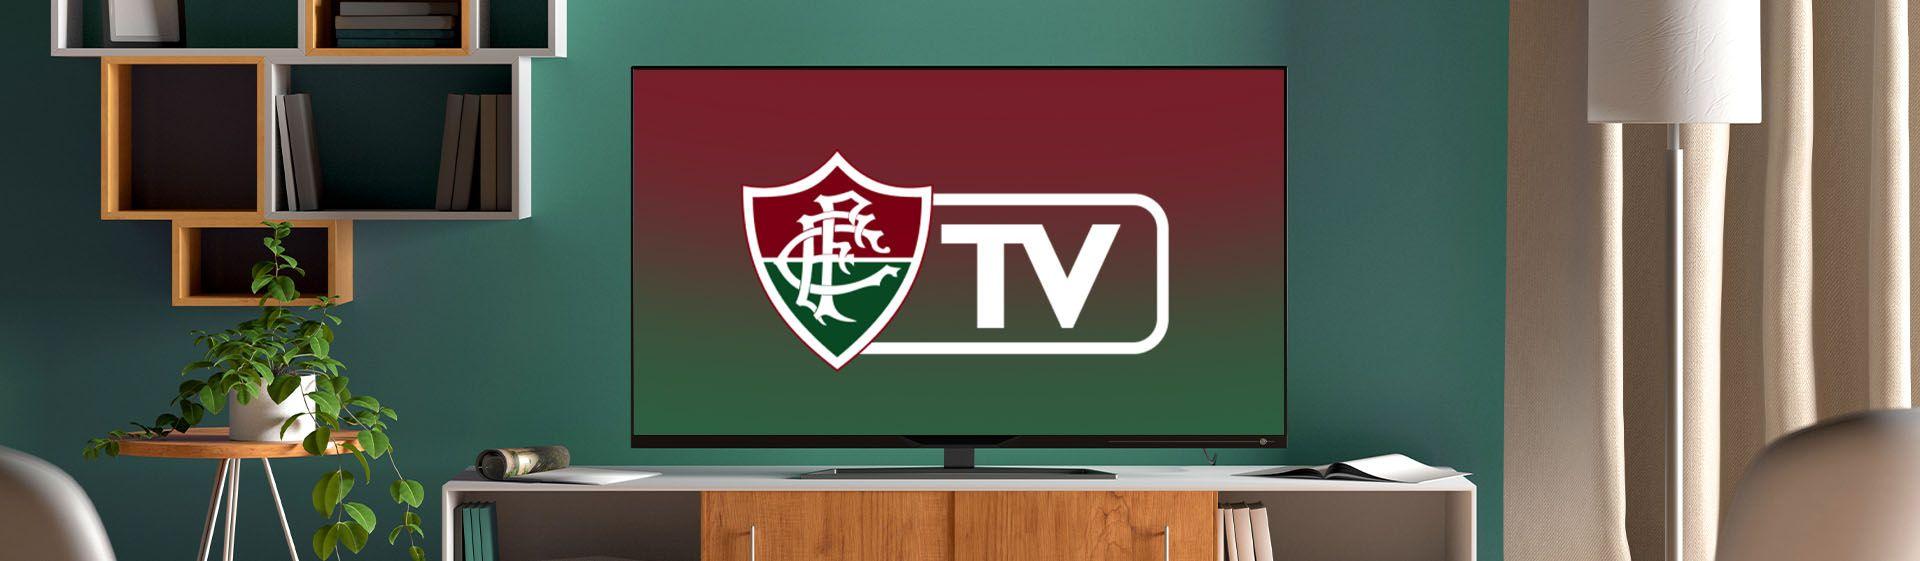 Como assistir Flu TV ao vivo na TV: passo a passo para ver os jogos do Fluminense na televisão